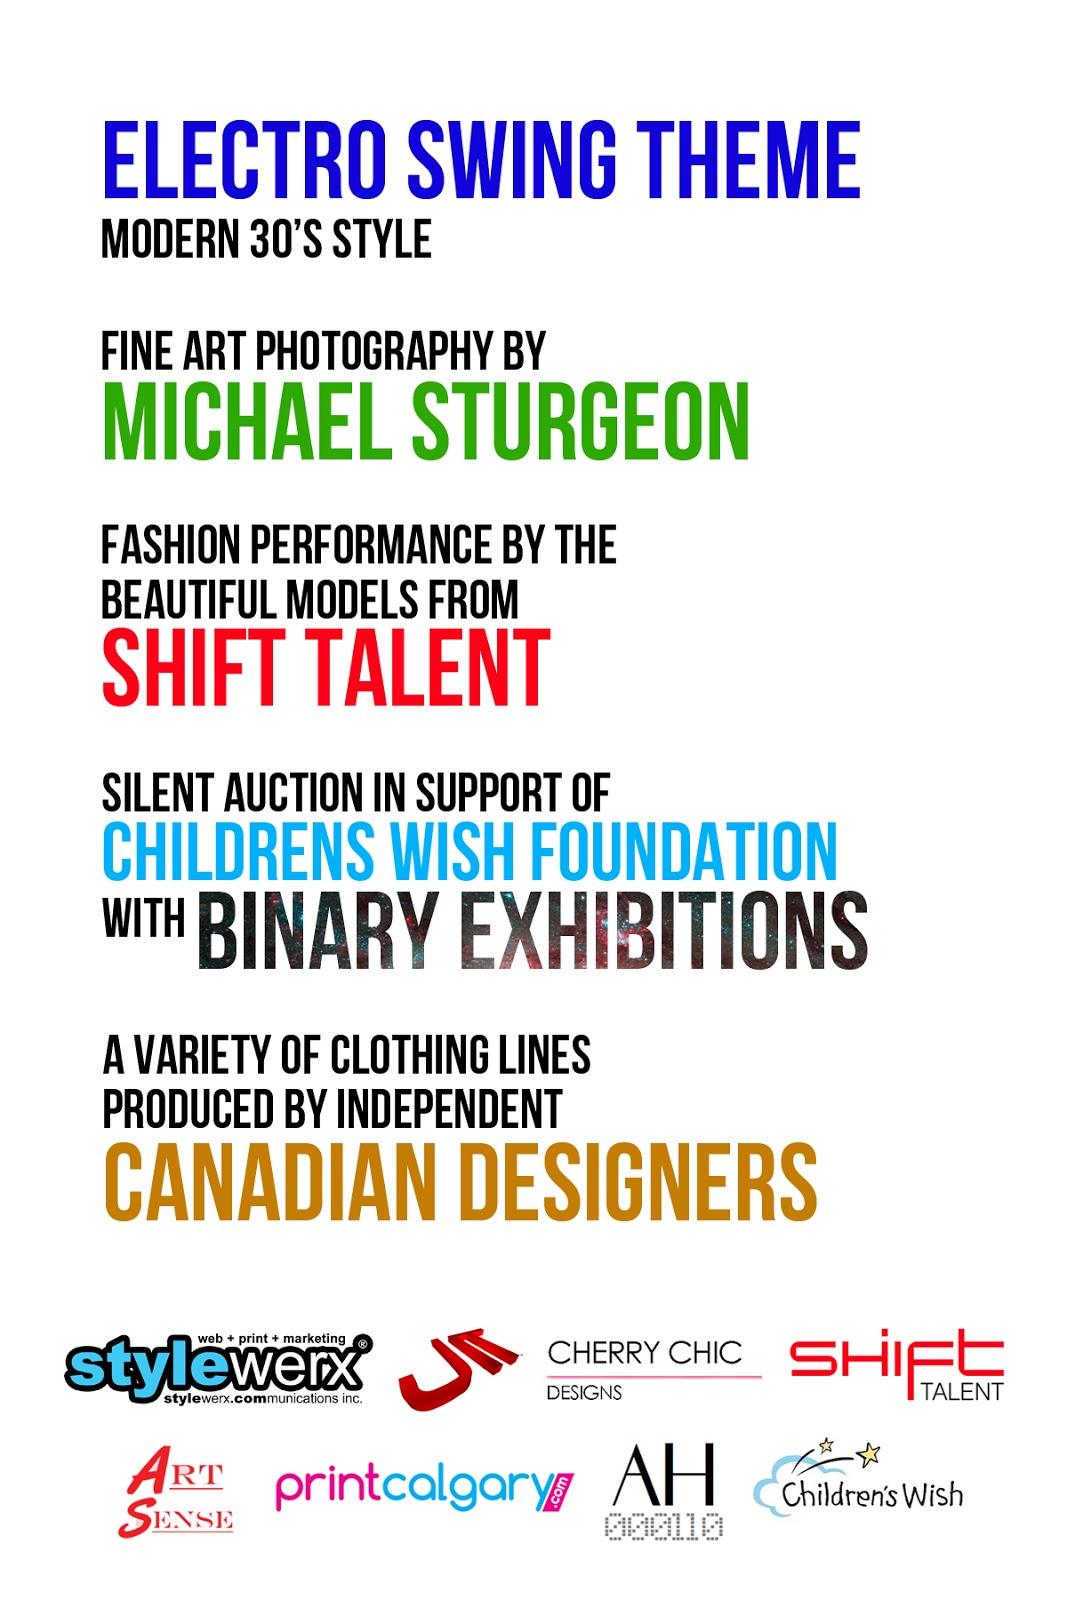 stylewerx artsense jitc shift talent children's wish foundation